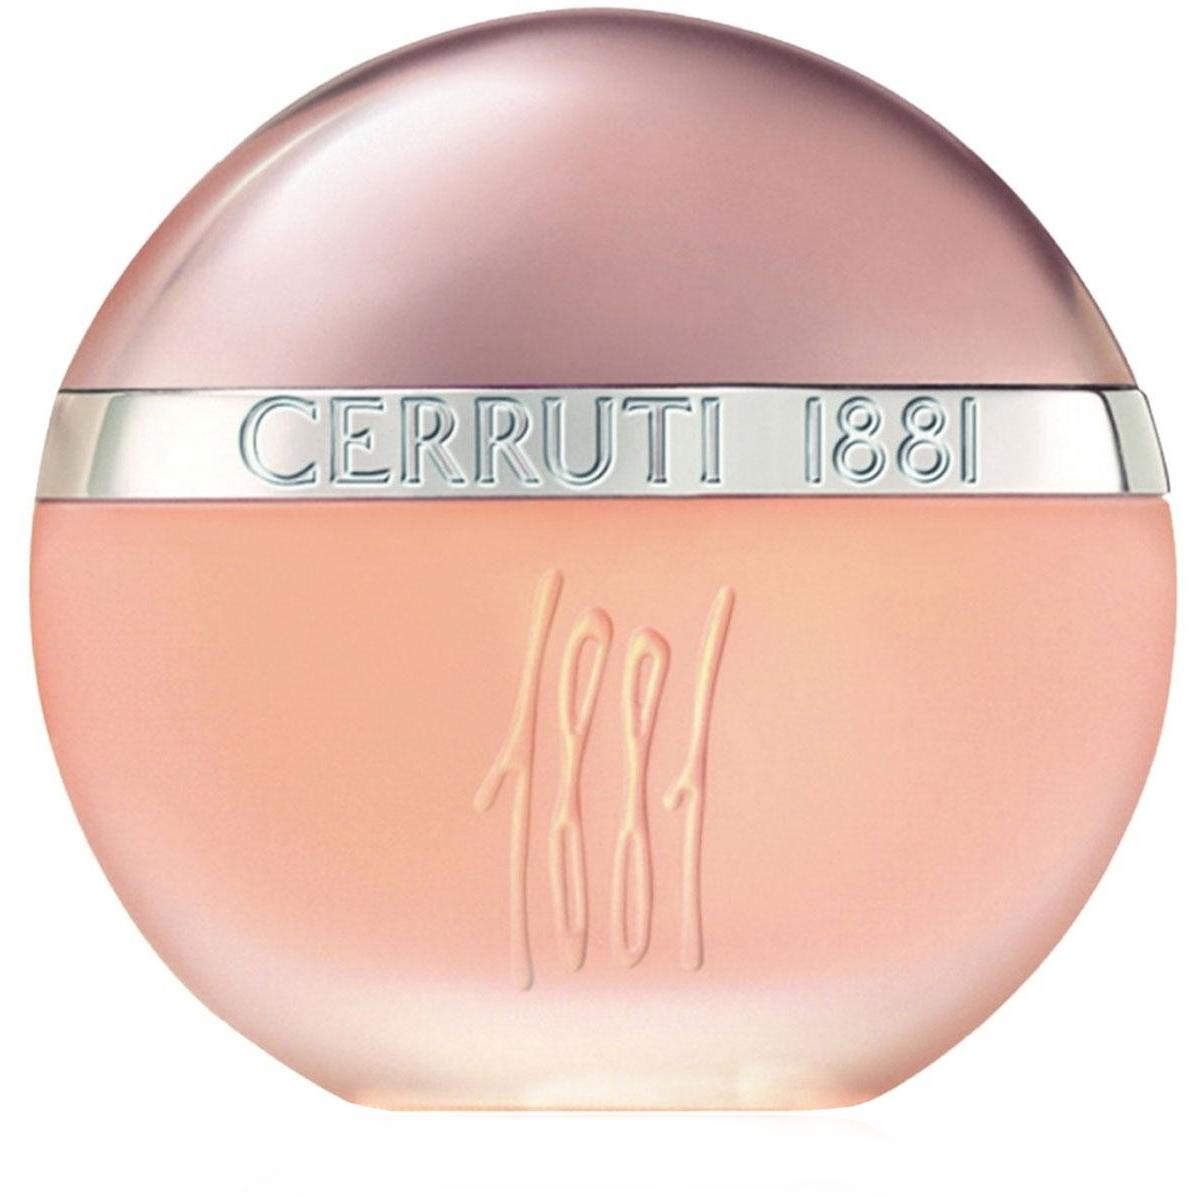 Cerruti 1881 (W) edt 100ml